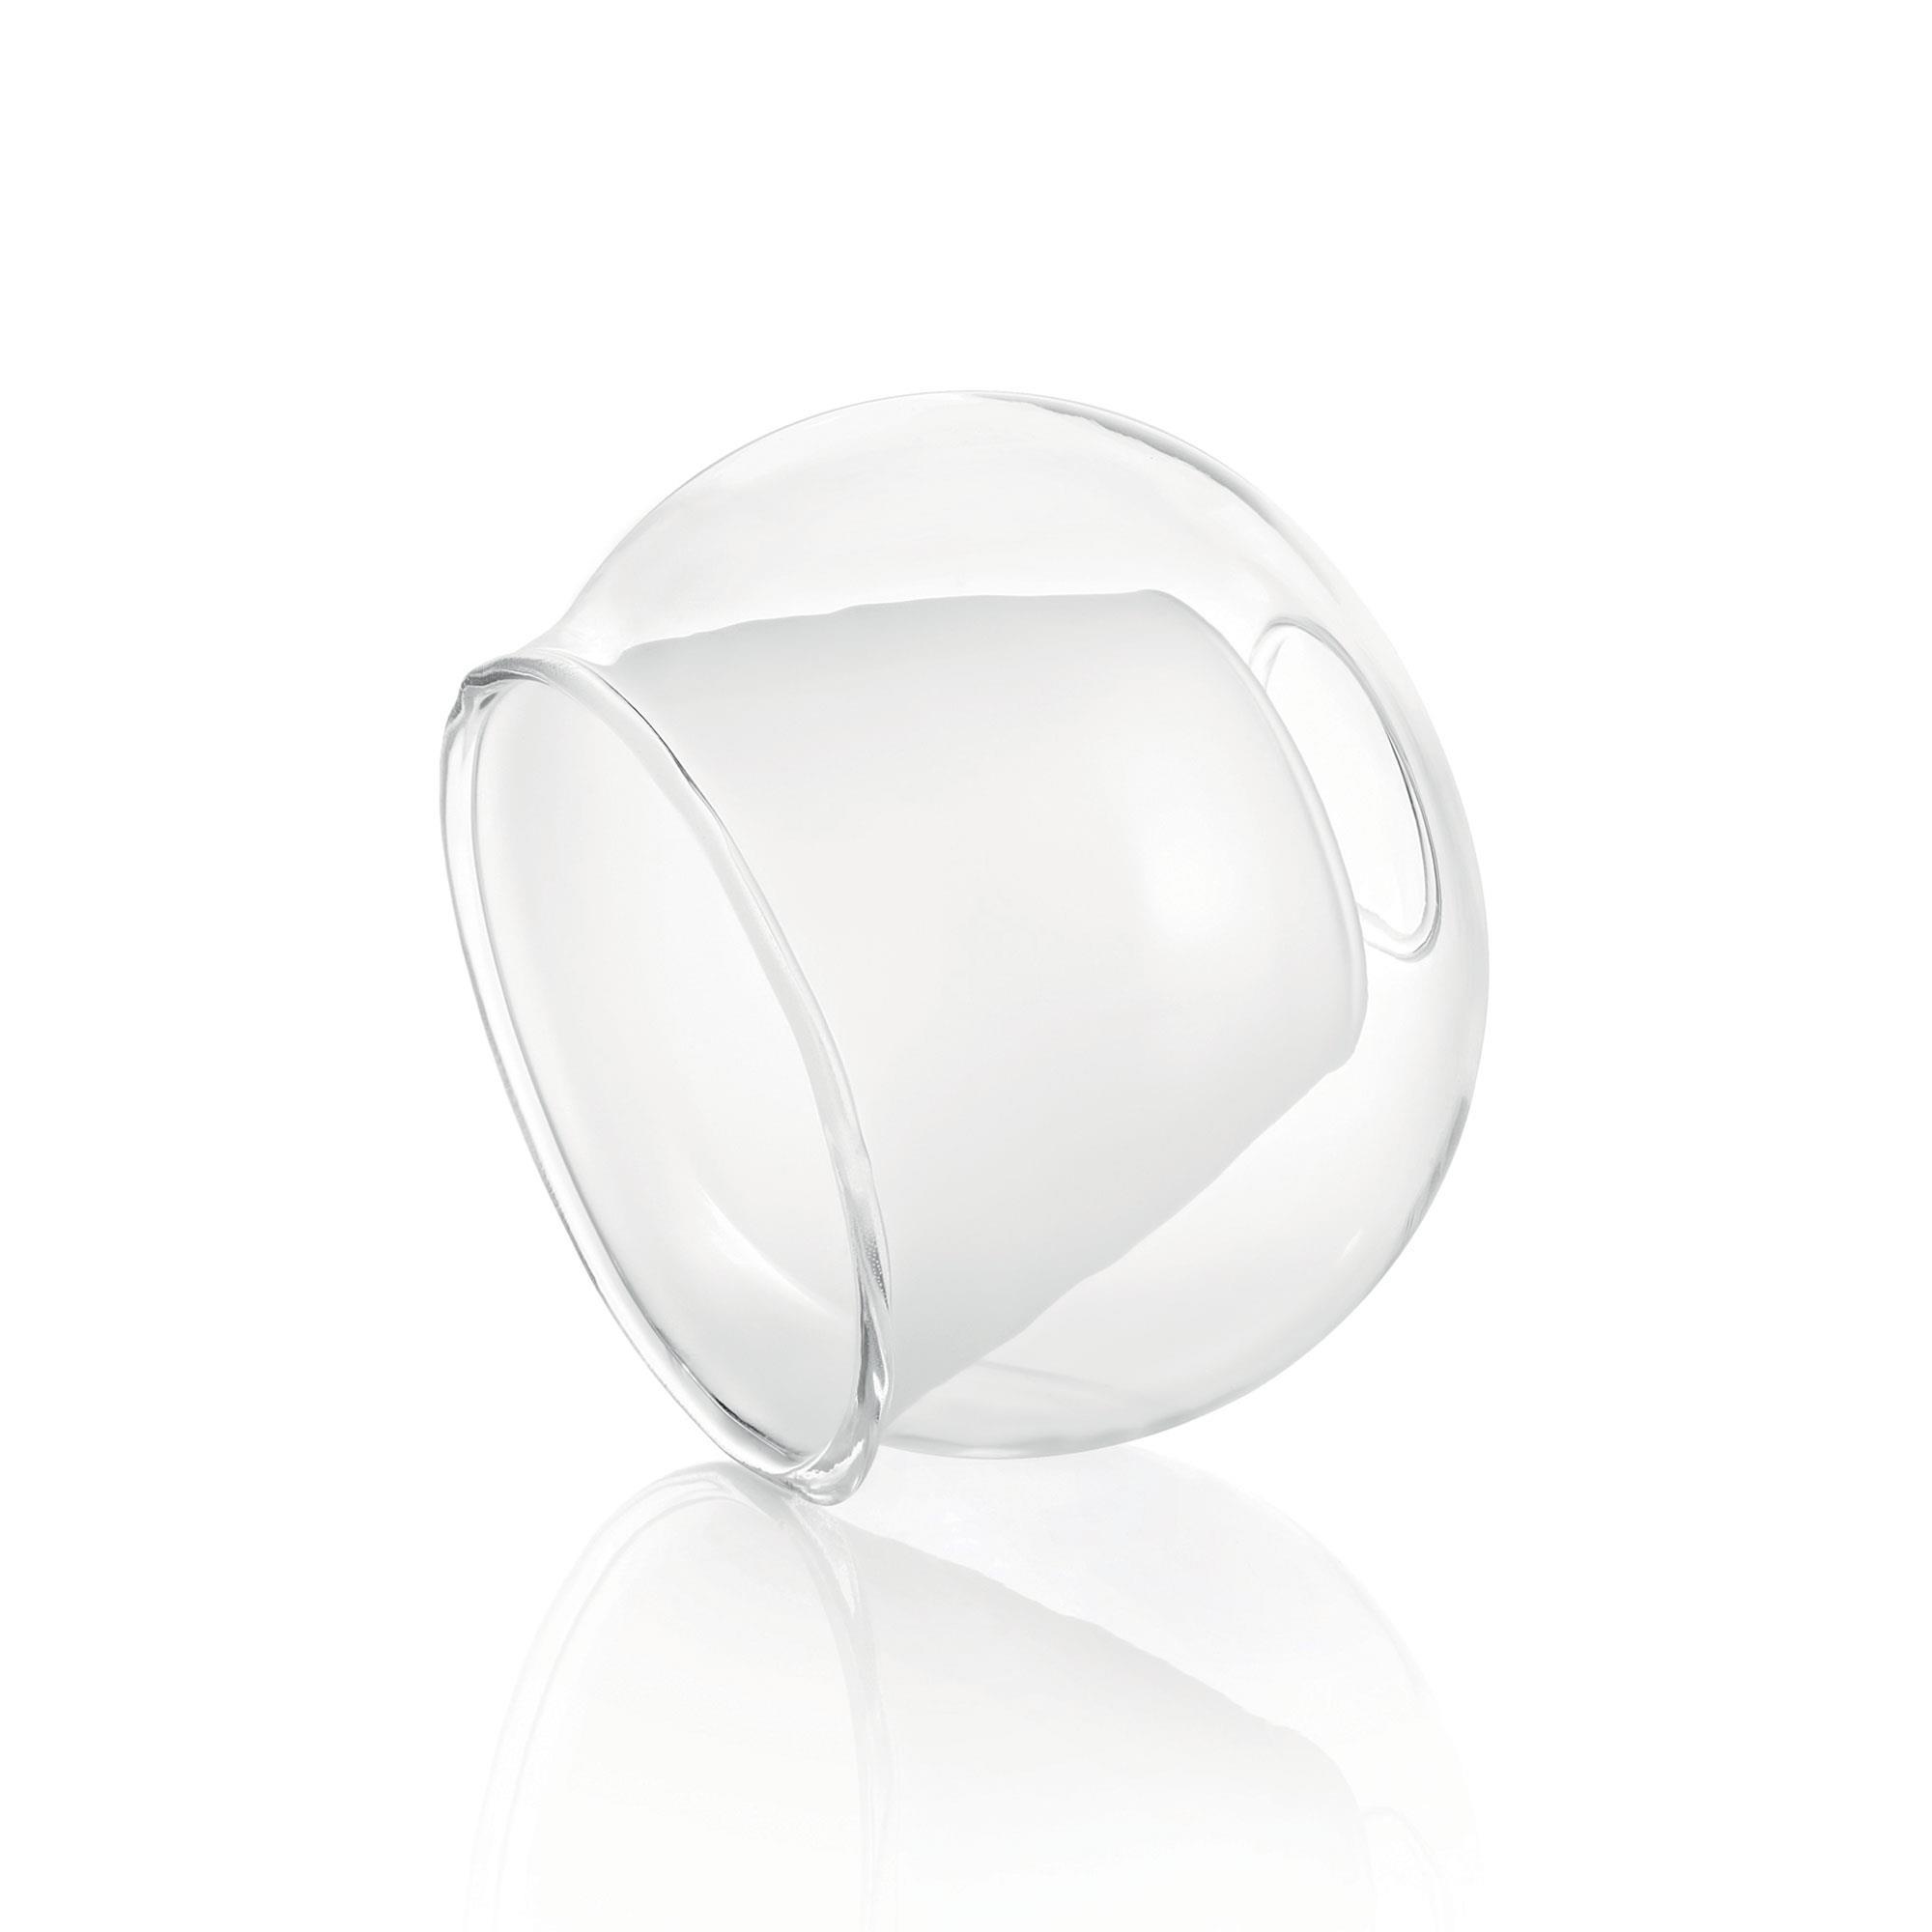 Ideal Lux 028682 Tender PL3 mennyezeti lámpa